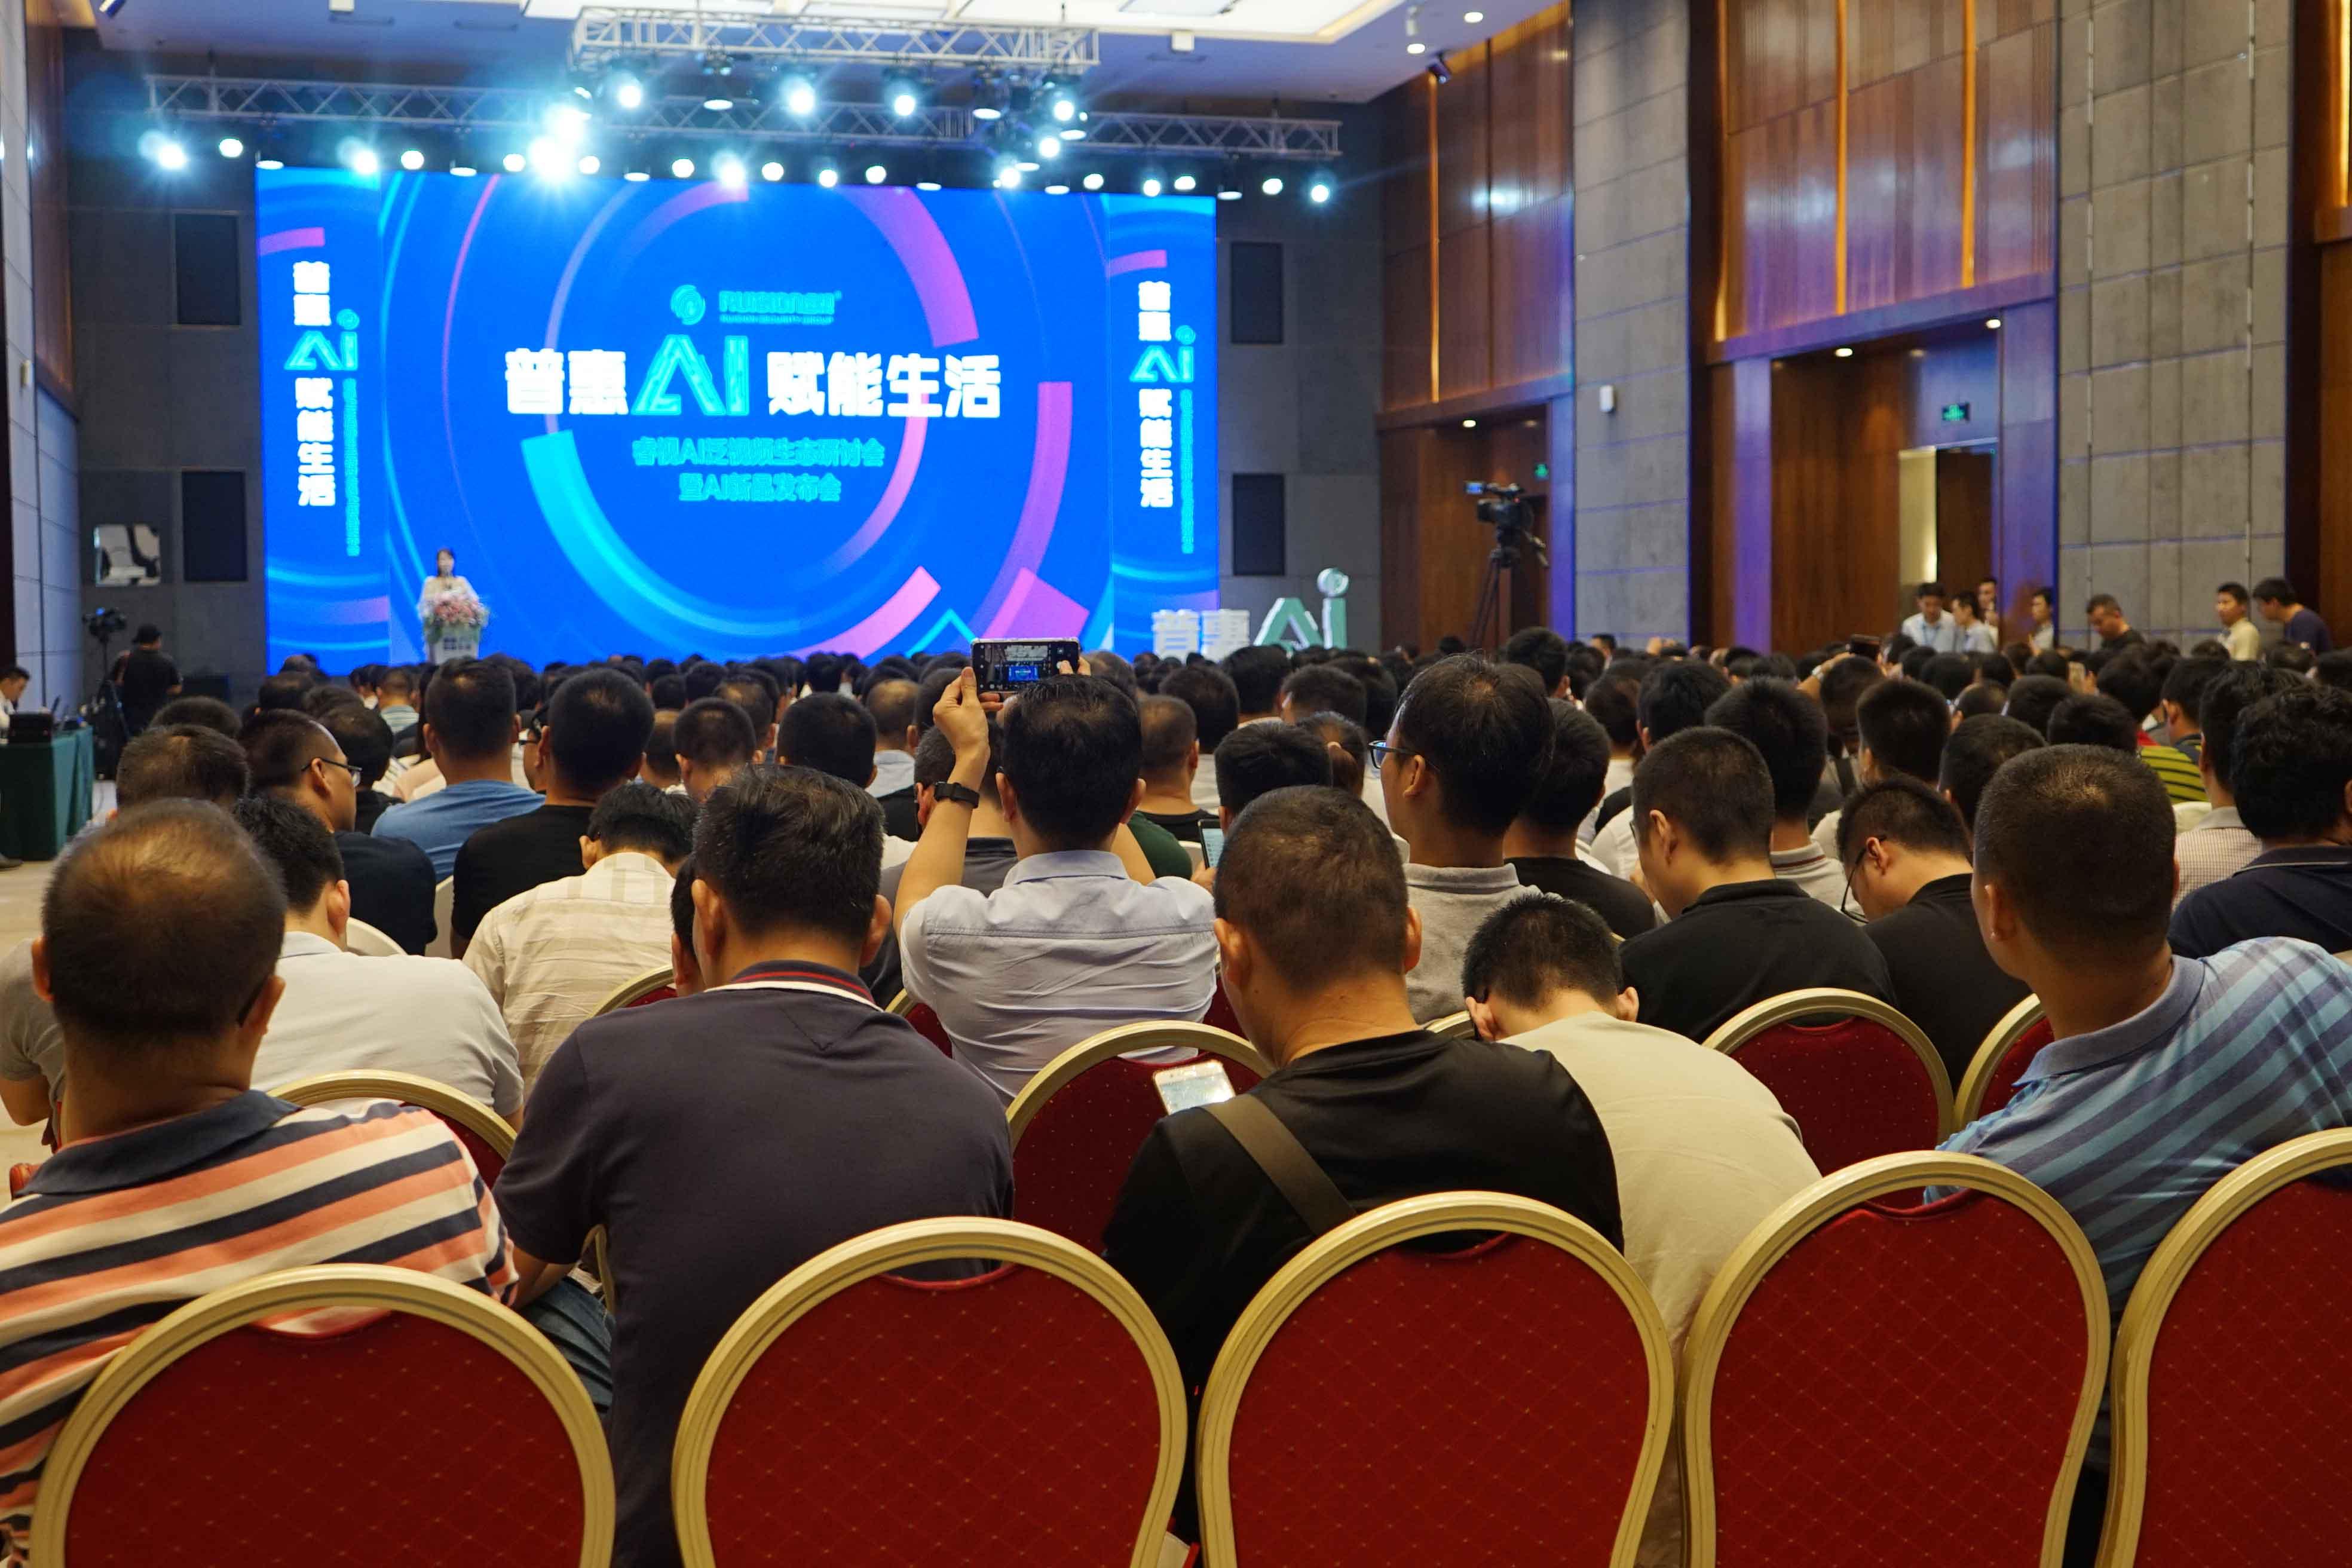 睿视AI泛视频生态研讨会暨AI新品发布会